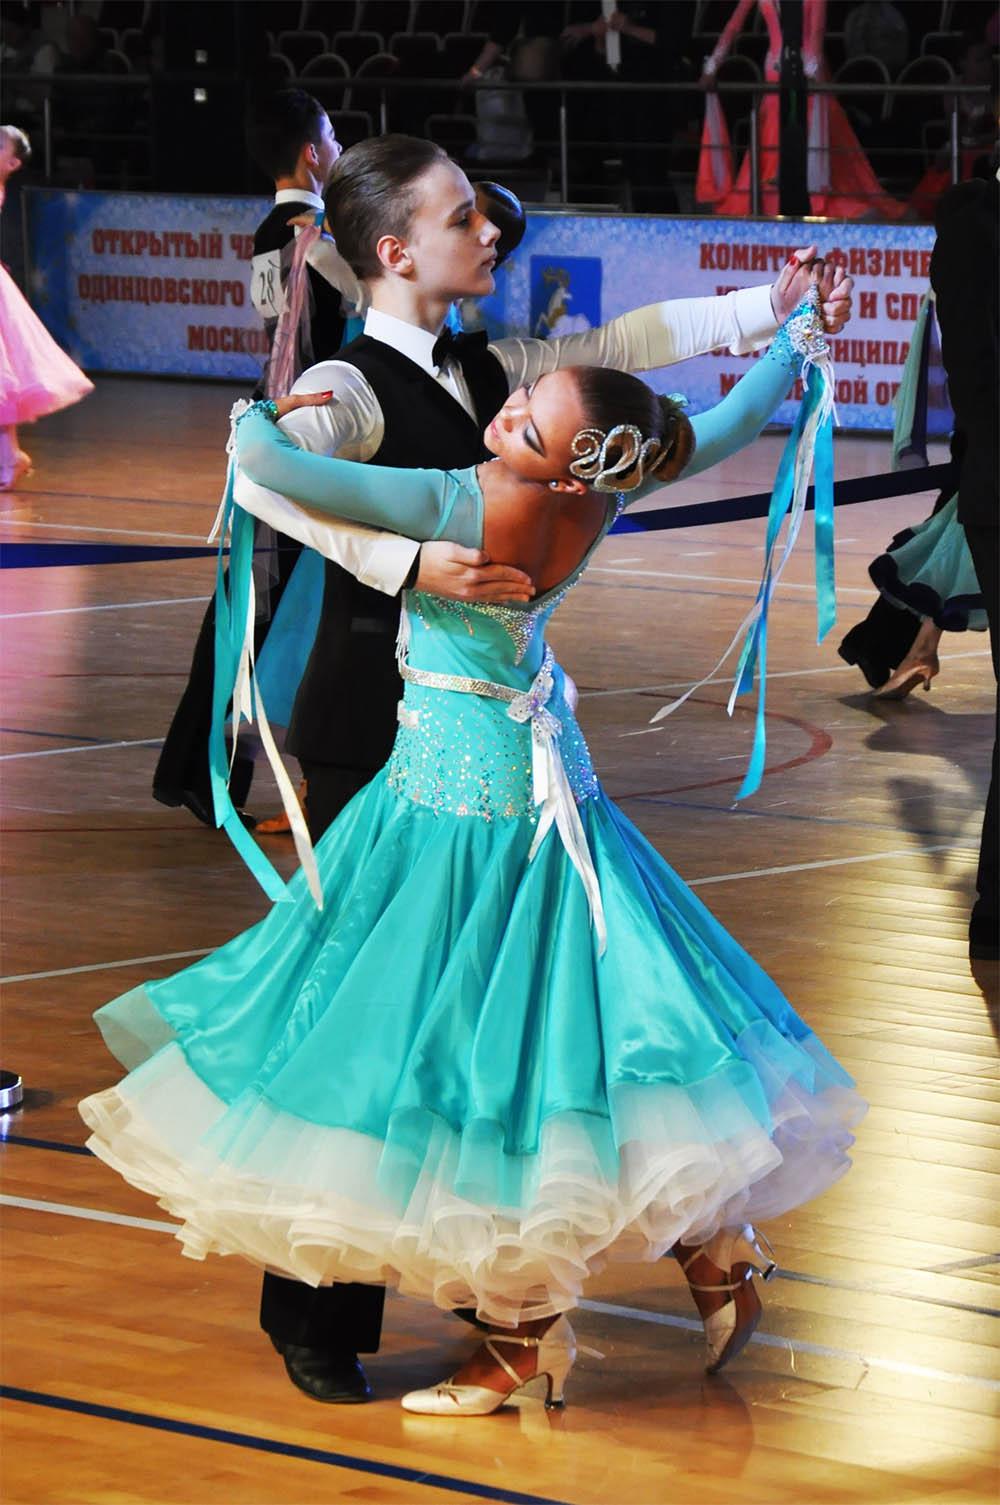 Такое бальное платье со стразами и полужемчугом для категории «Юниоры-2» продается во Вконтакте за 25 000<span class=ruble>Р</span>. Источник: группа «Одежда для бальных танцев»